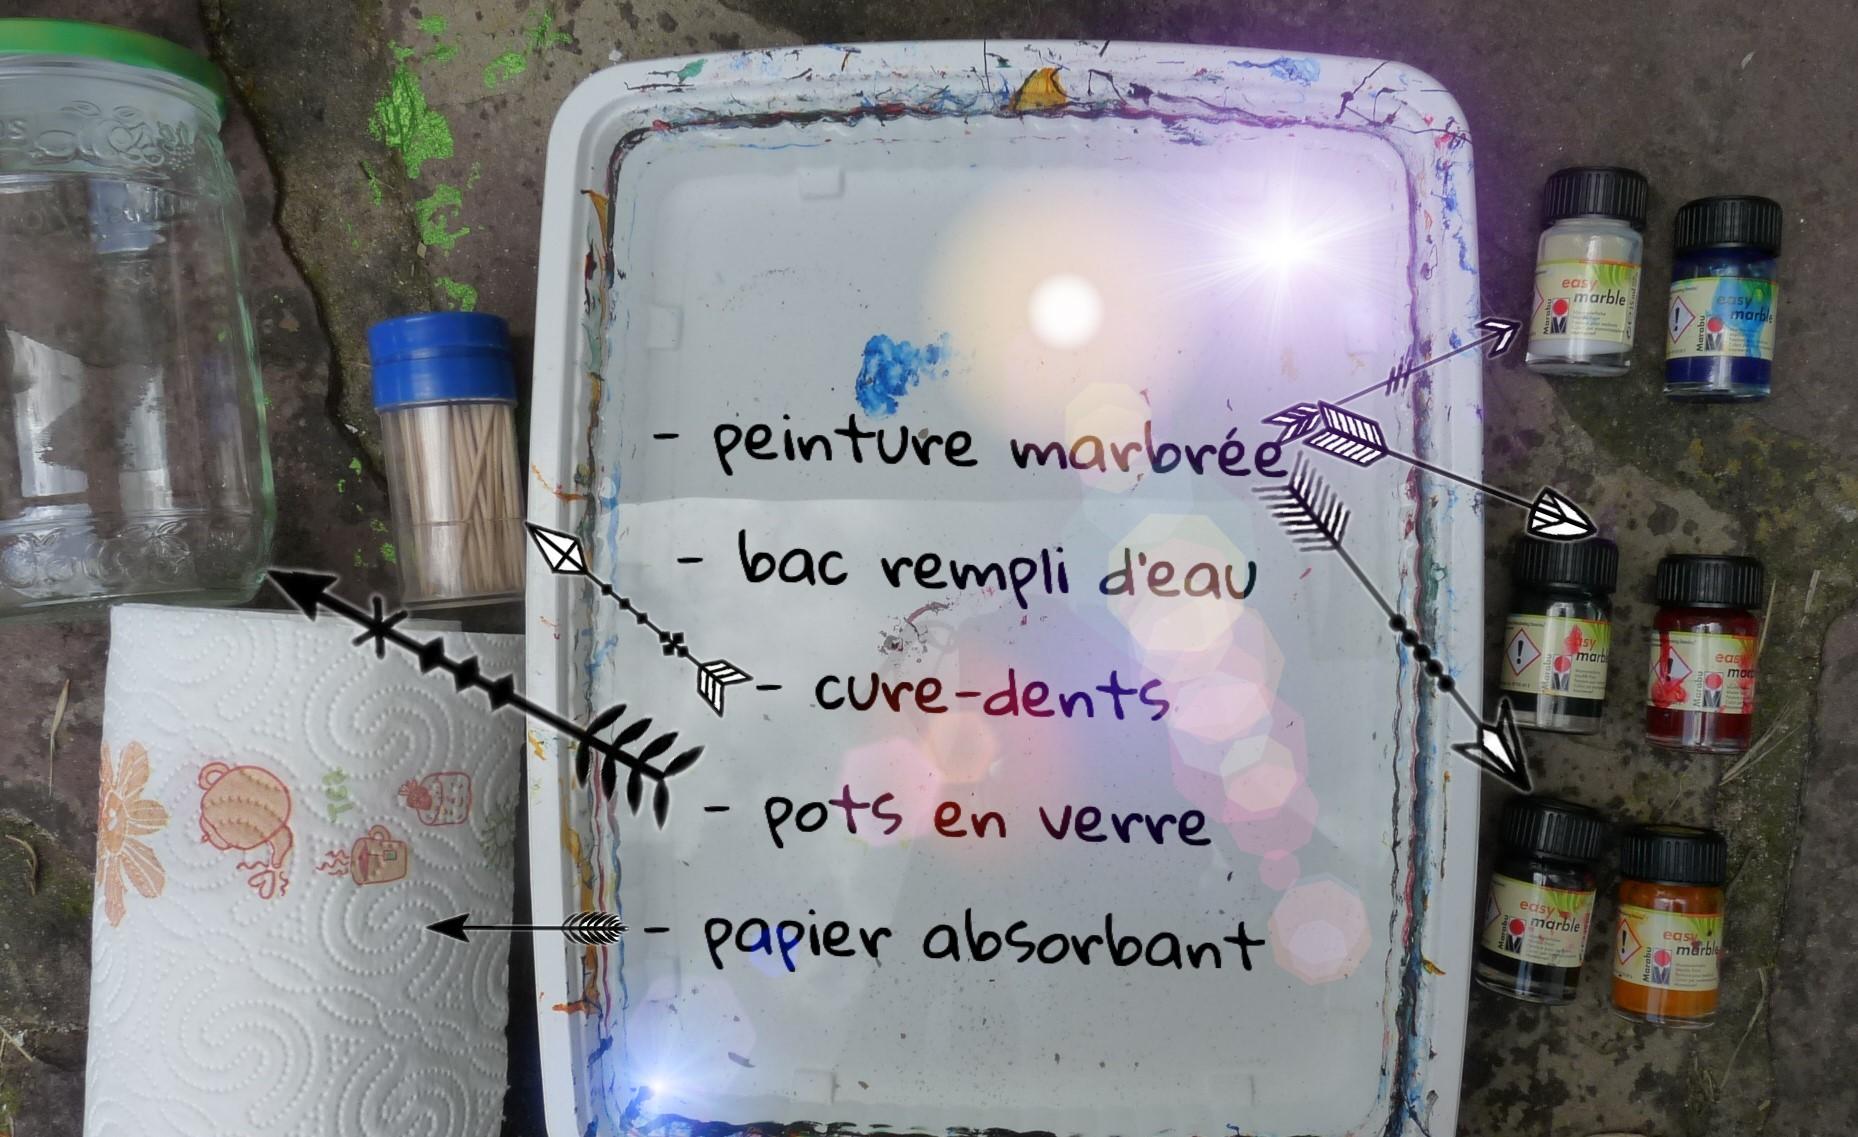 peinture marbrée materiel necessaire outil elize pigmentropie enfant